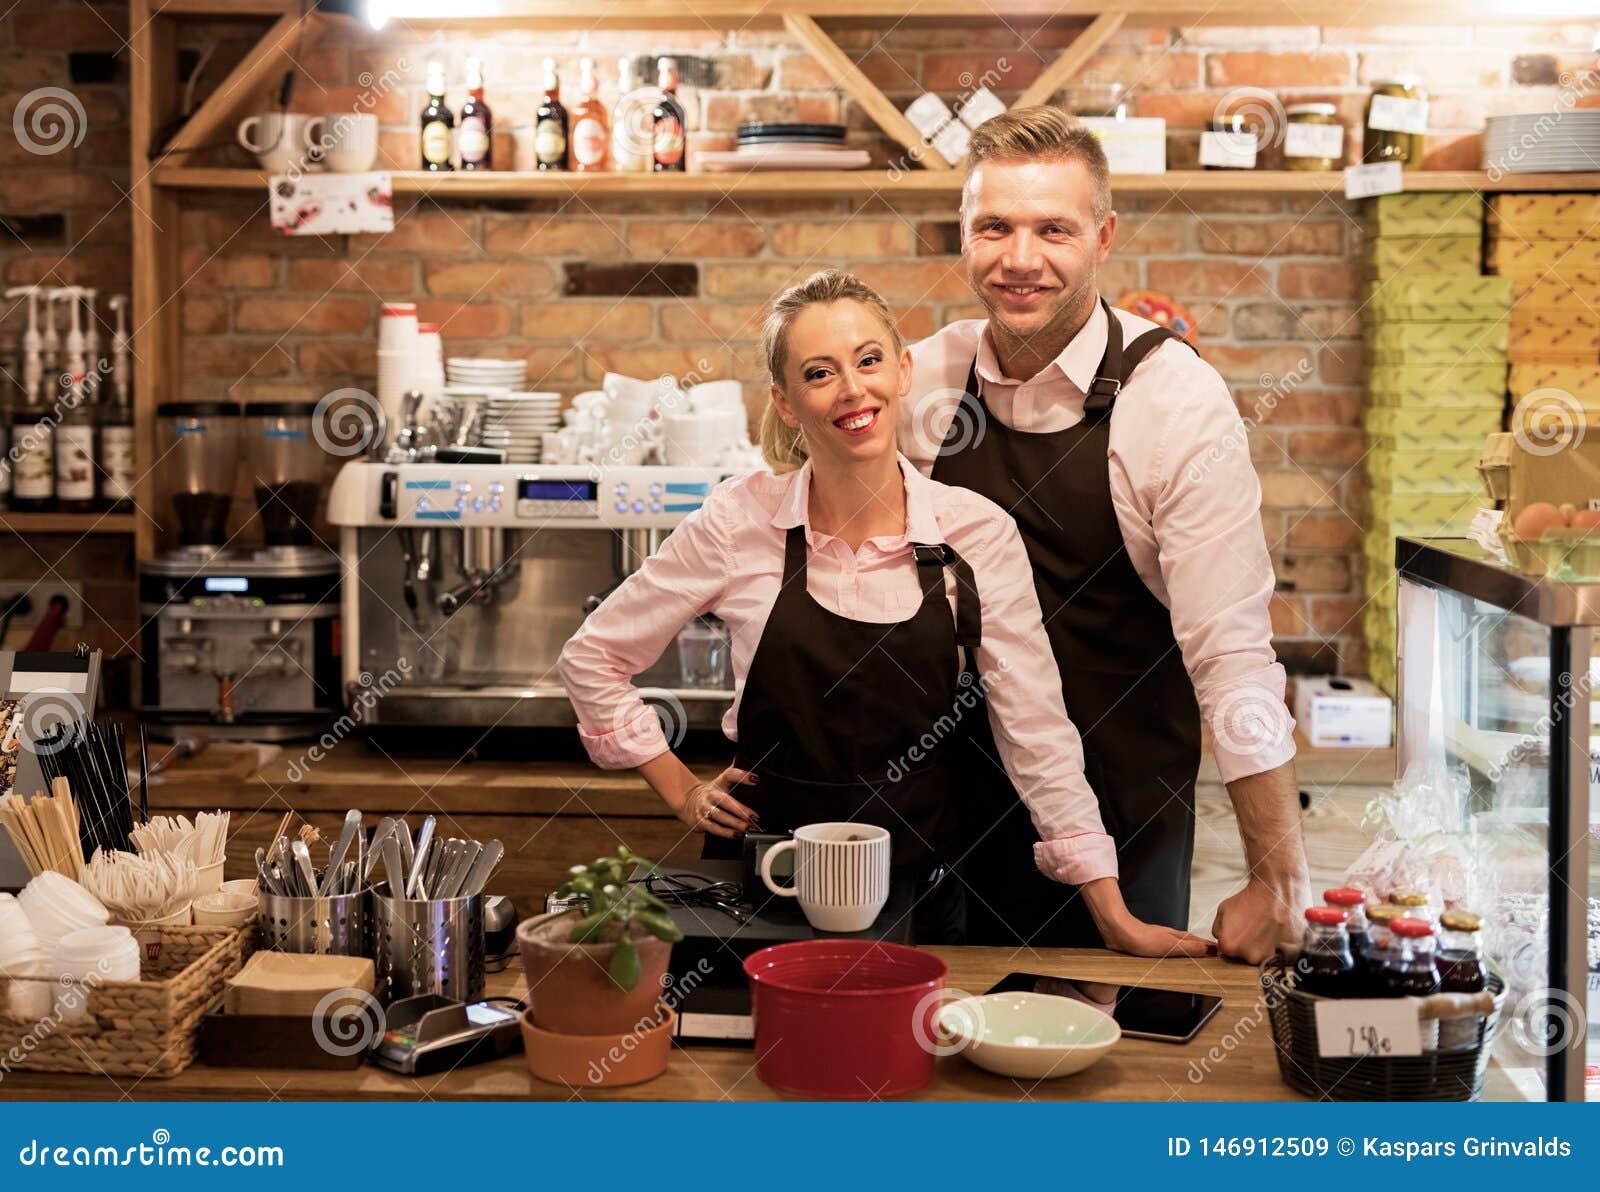 Paar hat ihr eigenes Café begonnen